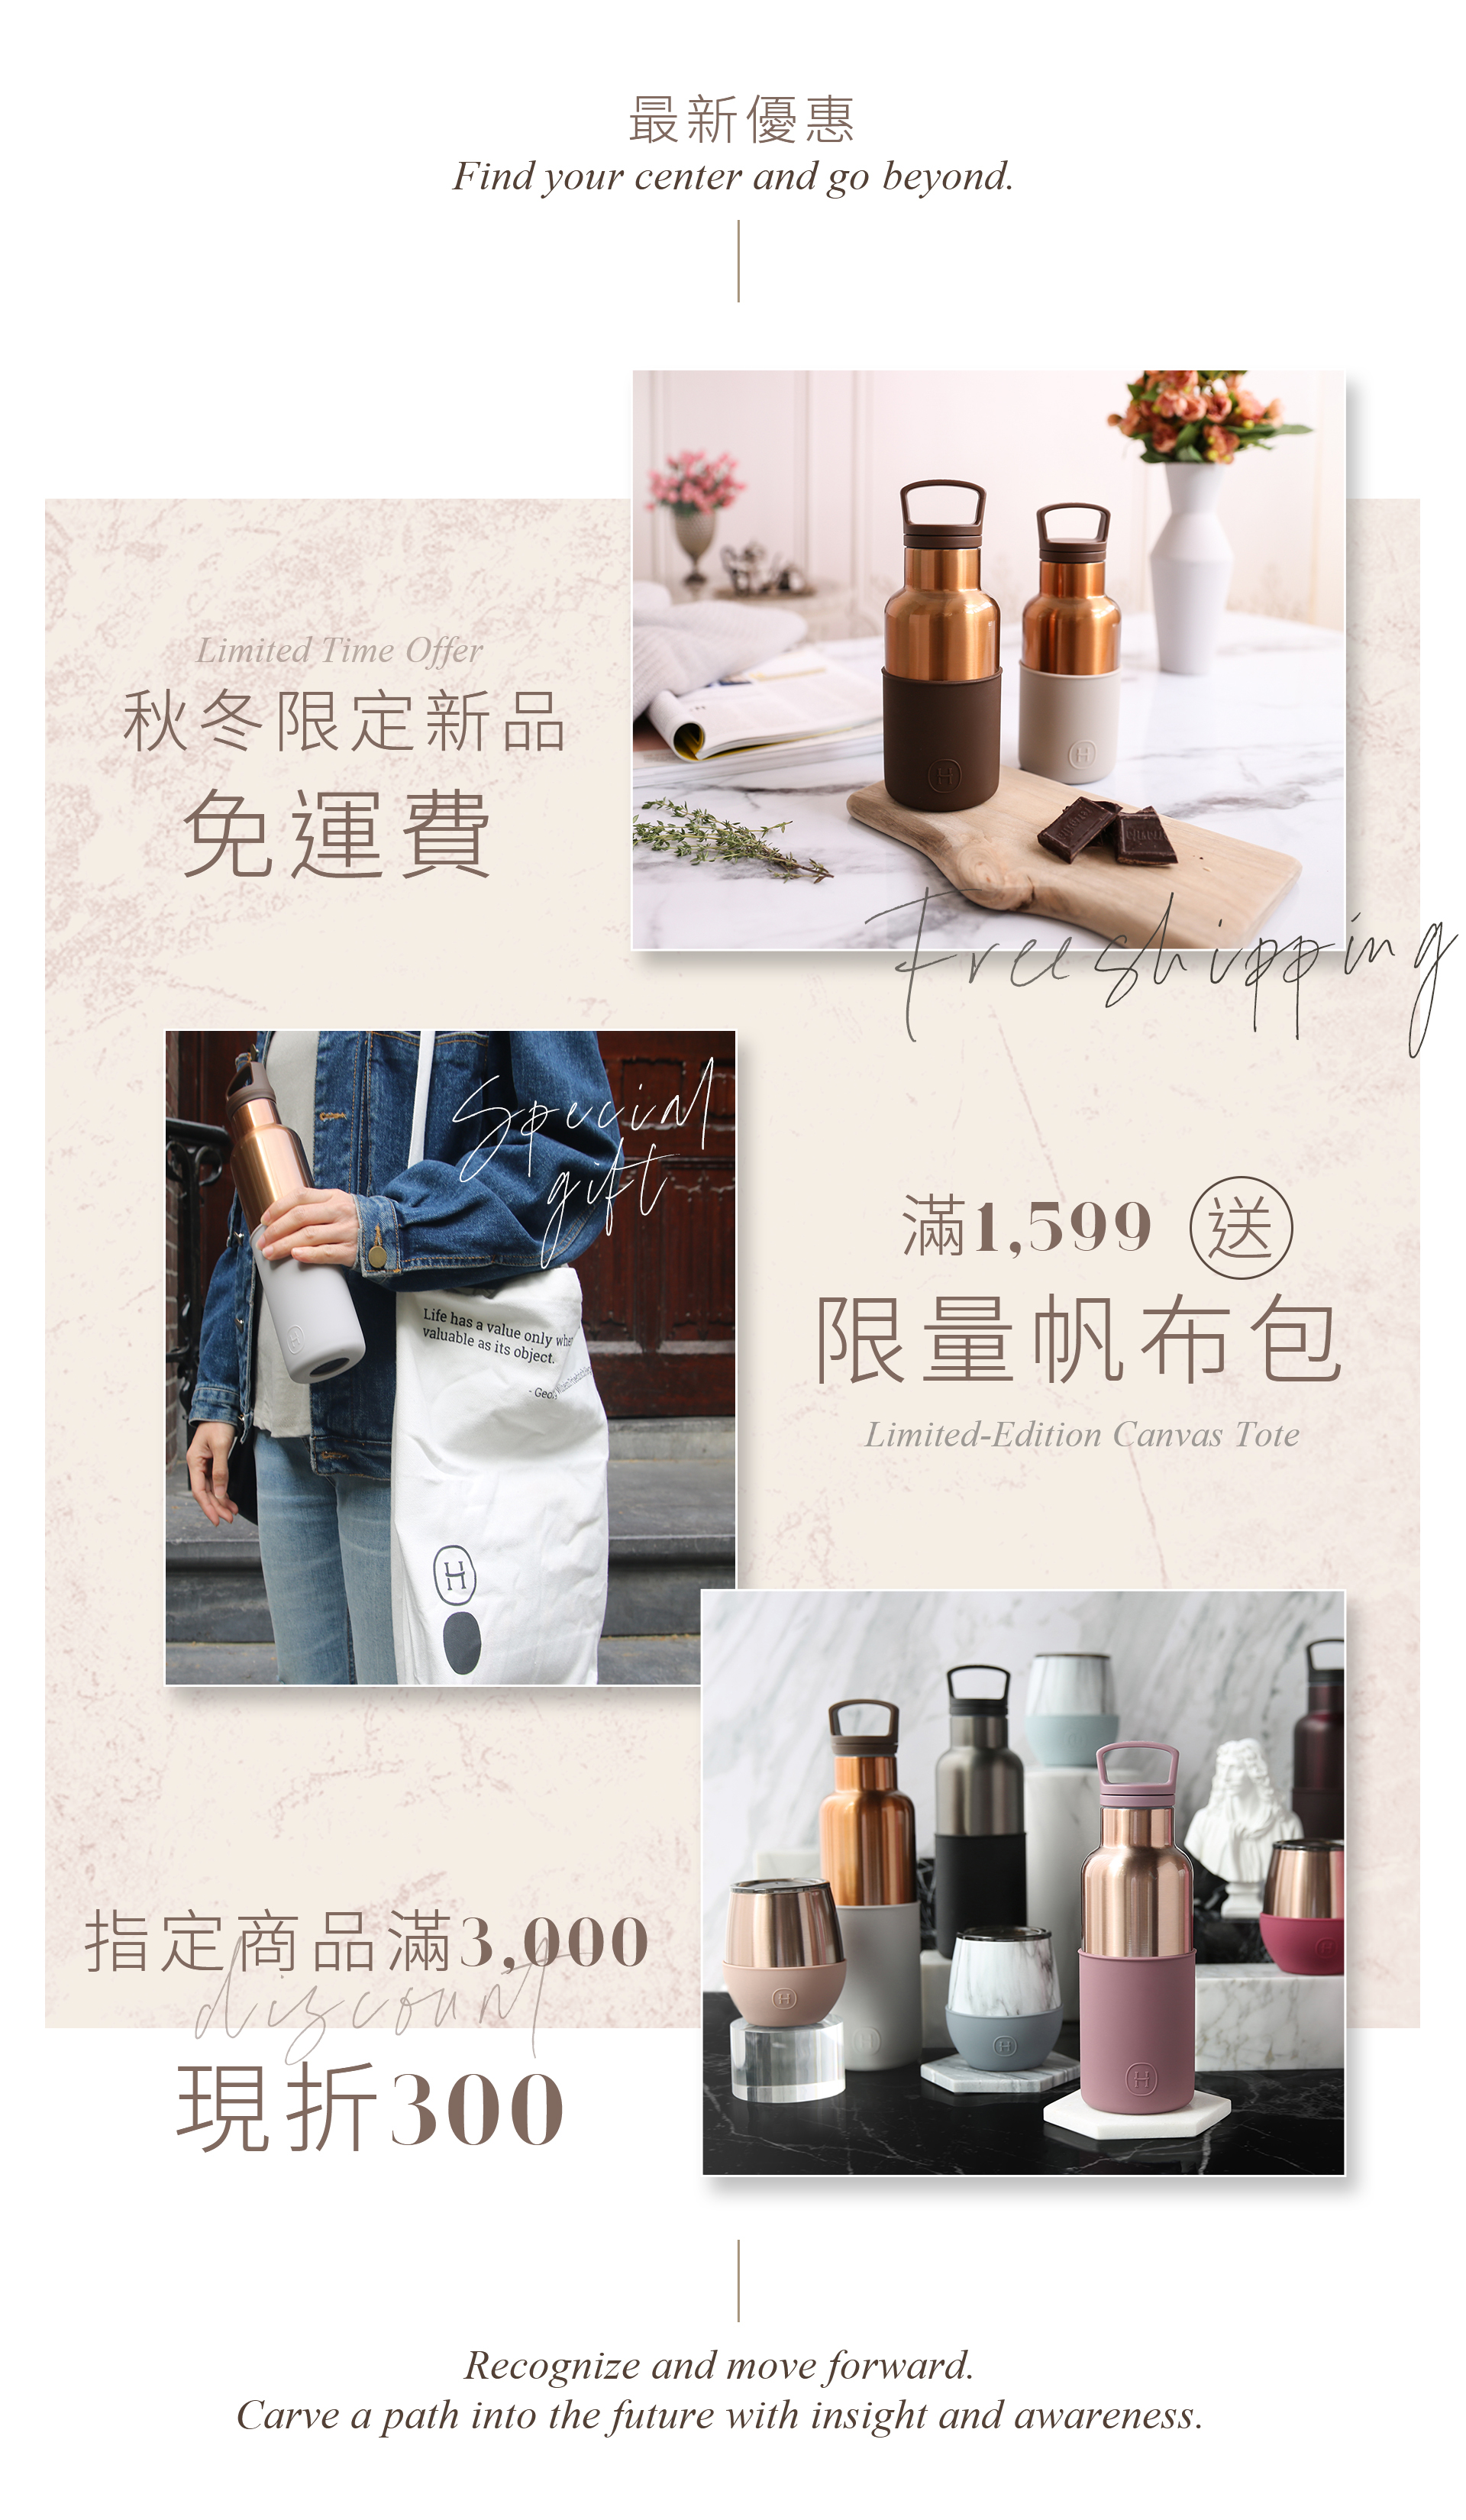 vogue, vogue聯名, hydy, 時尚水瓶, water, 生活態度, 美國品牌, 美國時尚, bottle